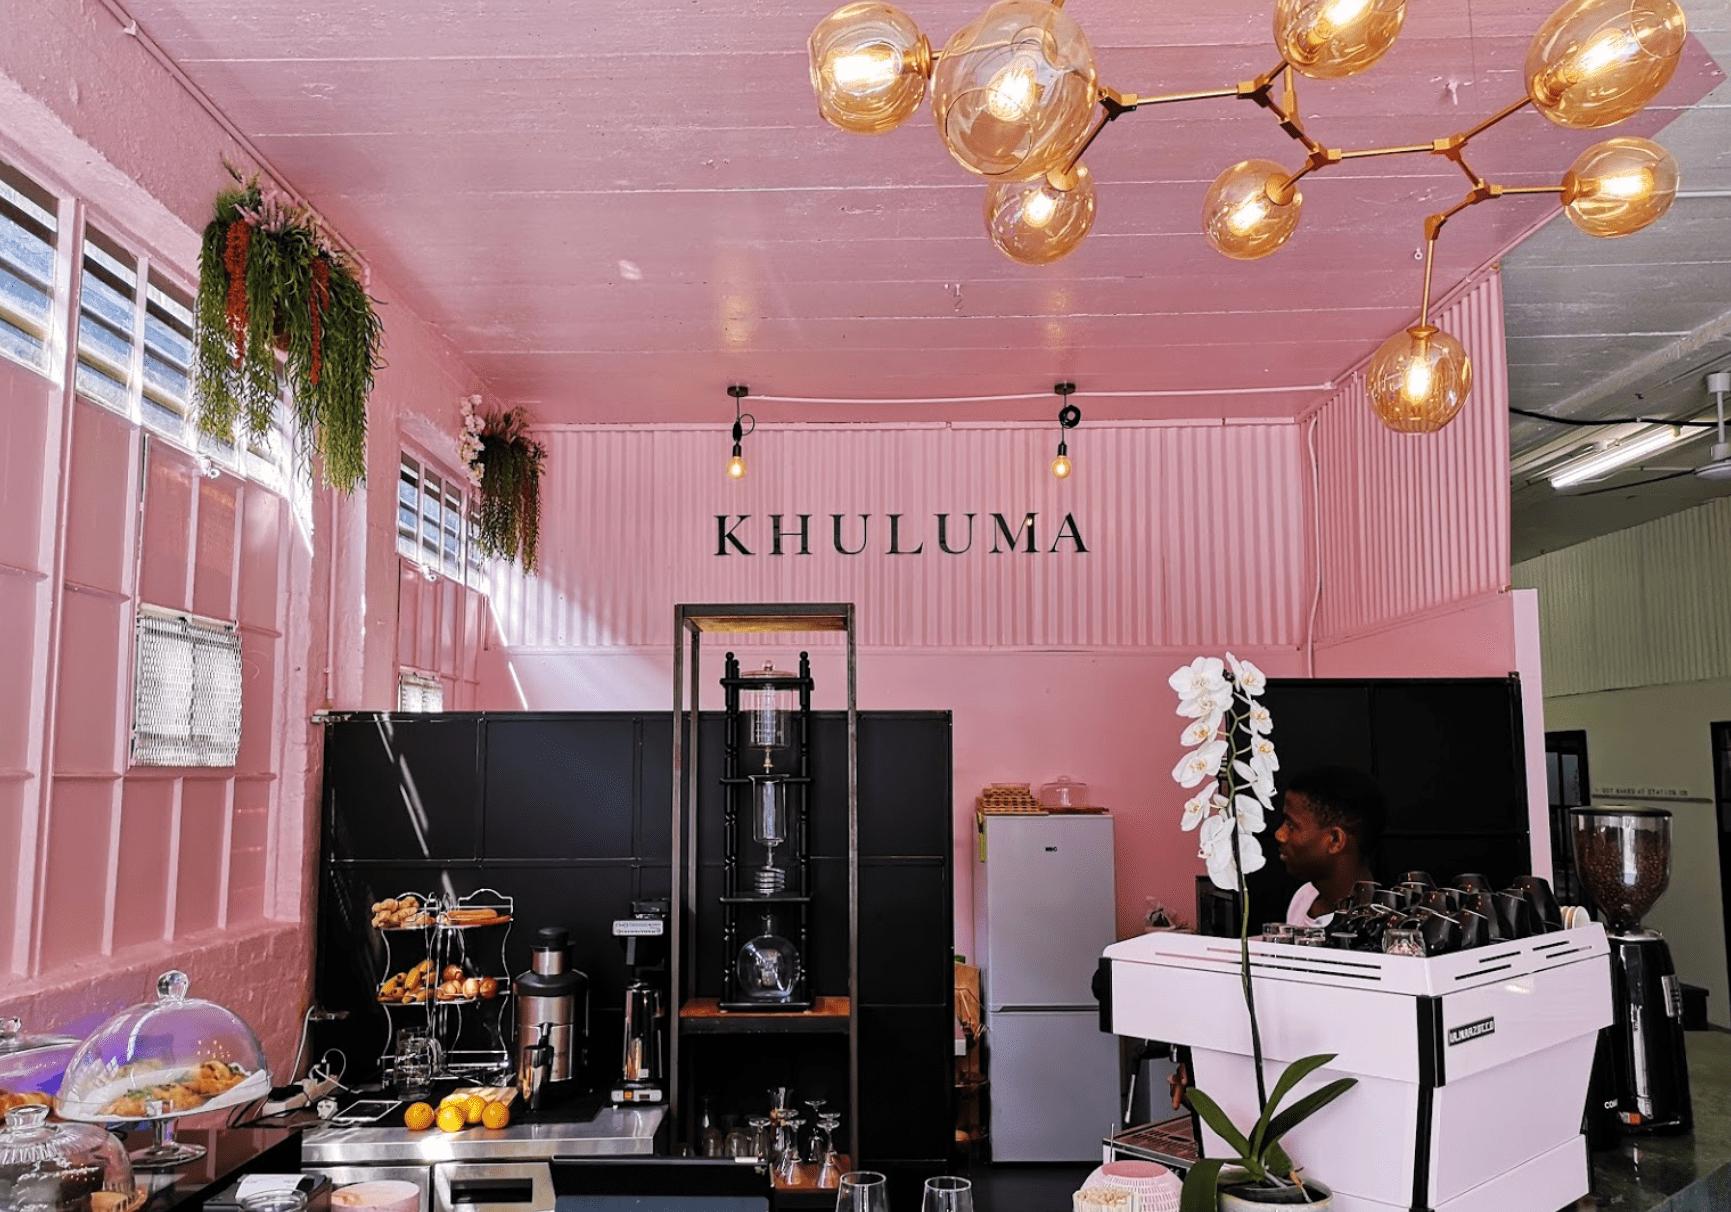 Khuluma Durban cute coffee shops in Durban